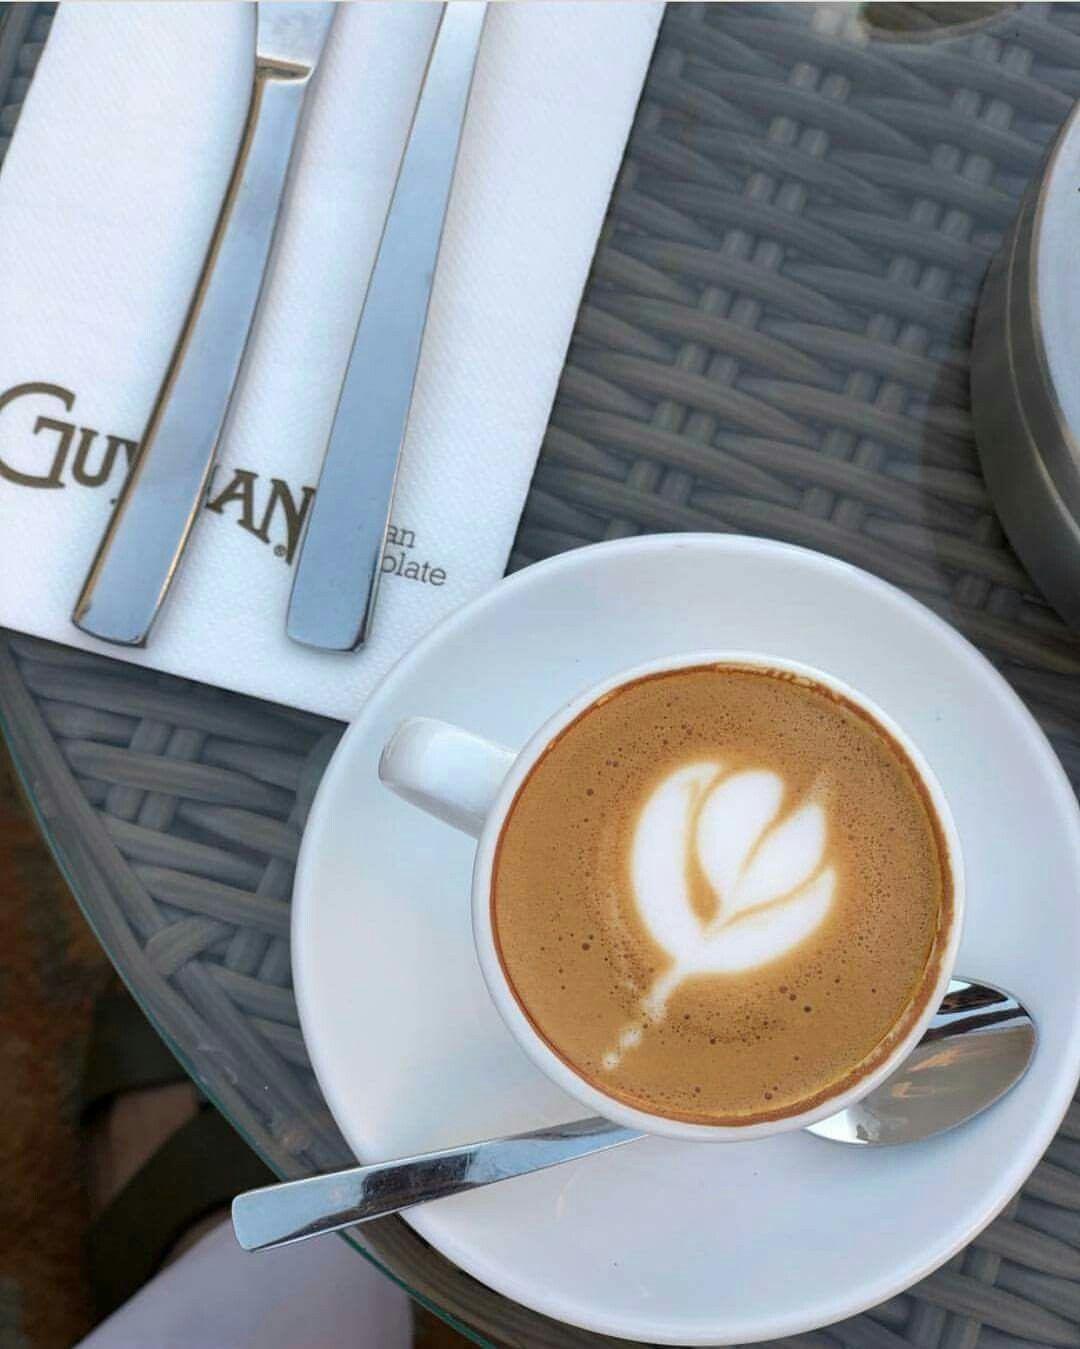 Pin by Lamiaa saleh on coffee ♡♥☕ in 2019 Coffee, Coffee